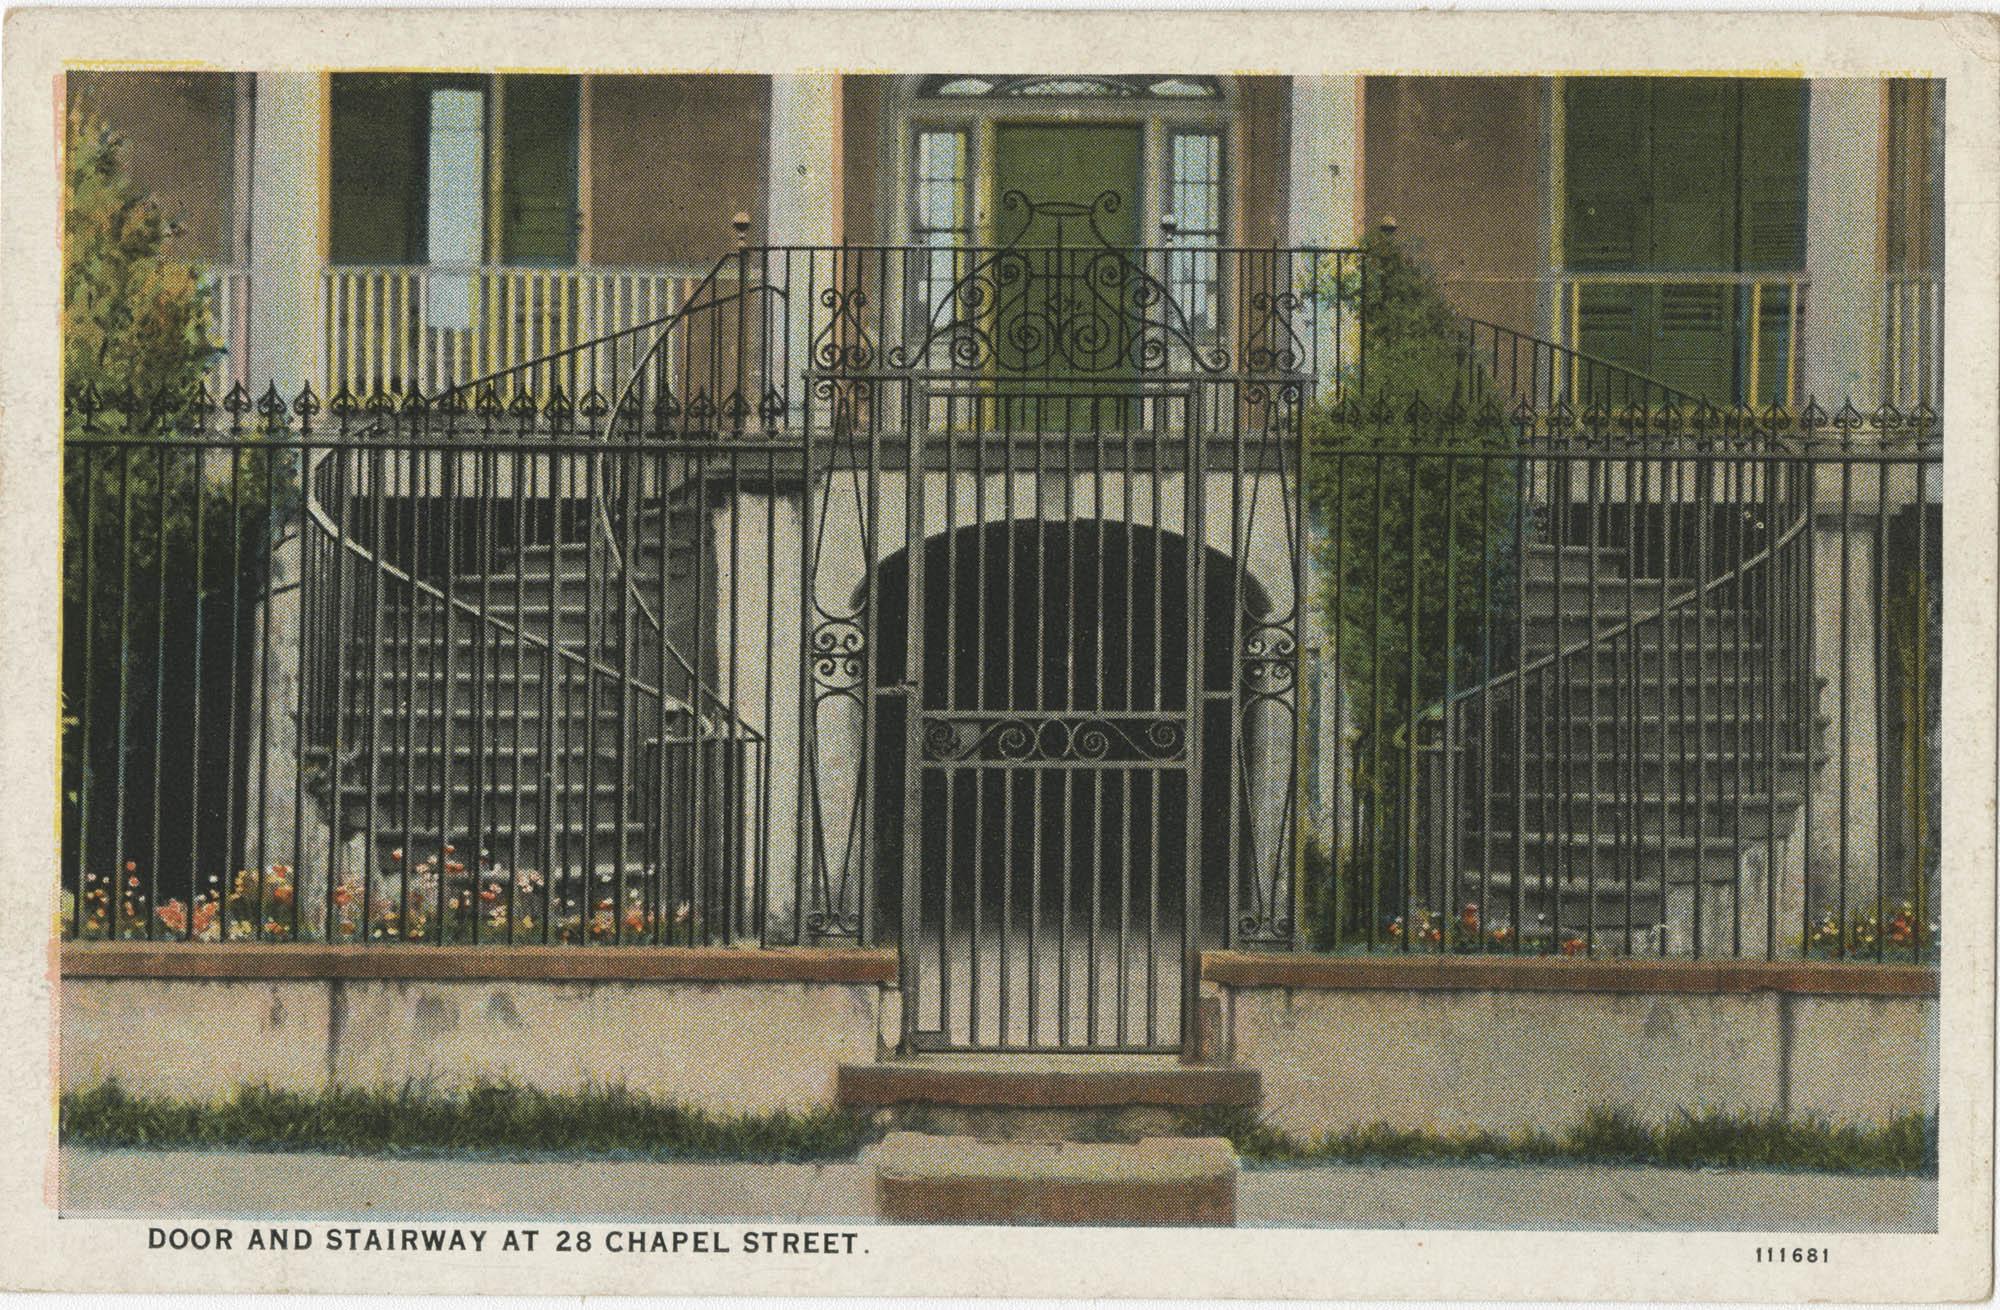 Door and Stairway at 28 Chapel Street